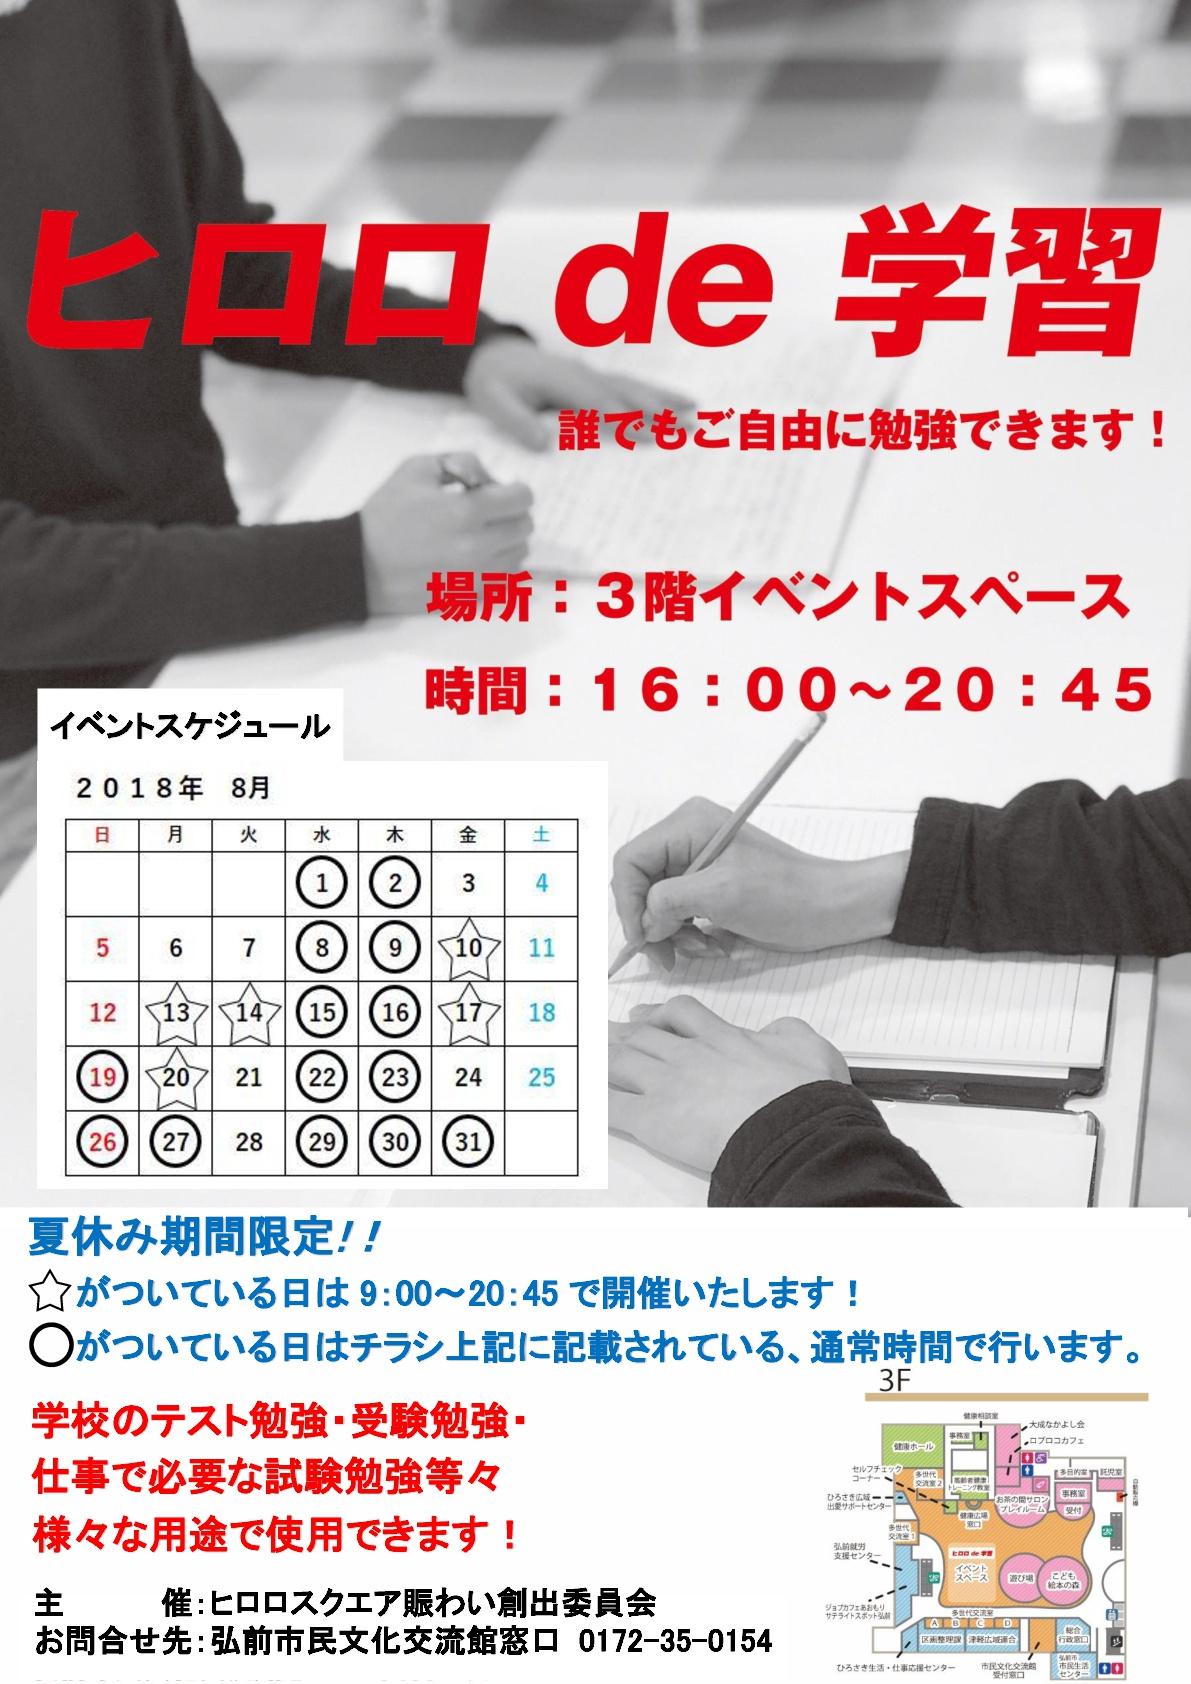 ヒロロde学習チラシ8月.jpg